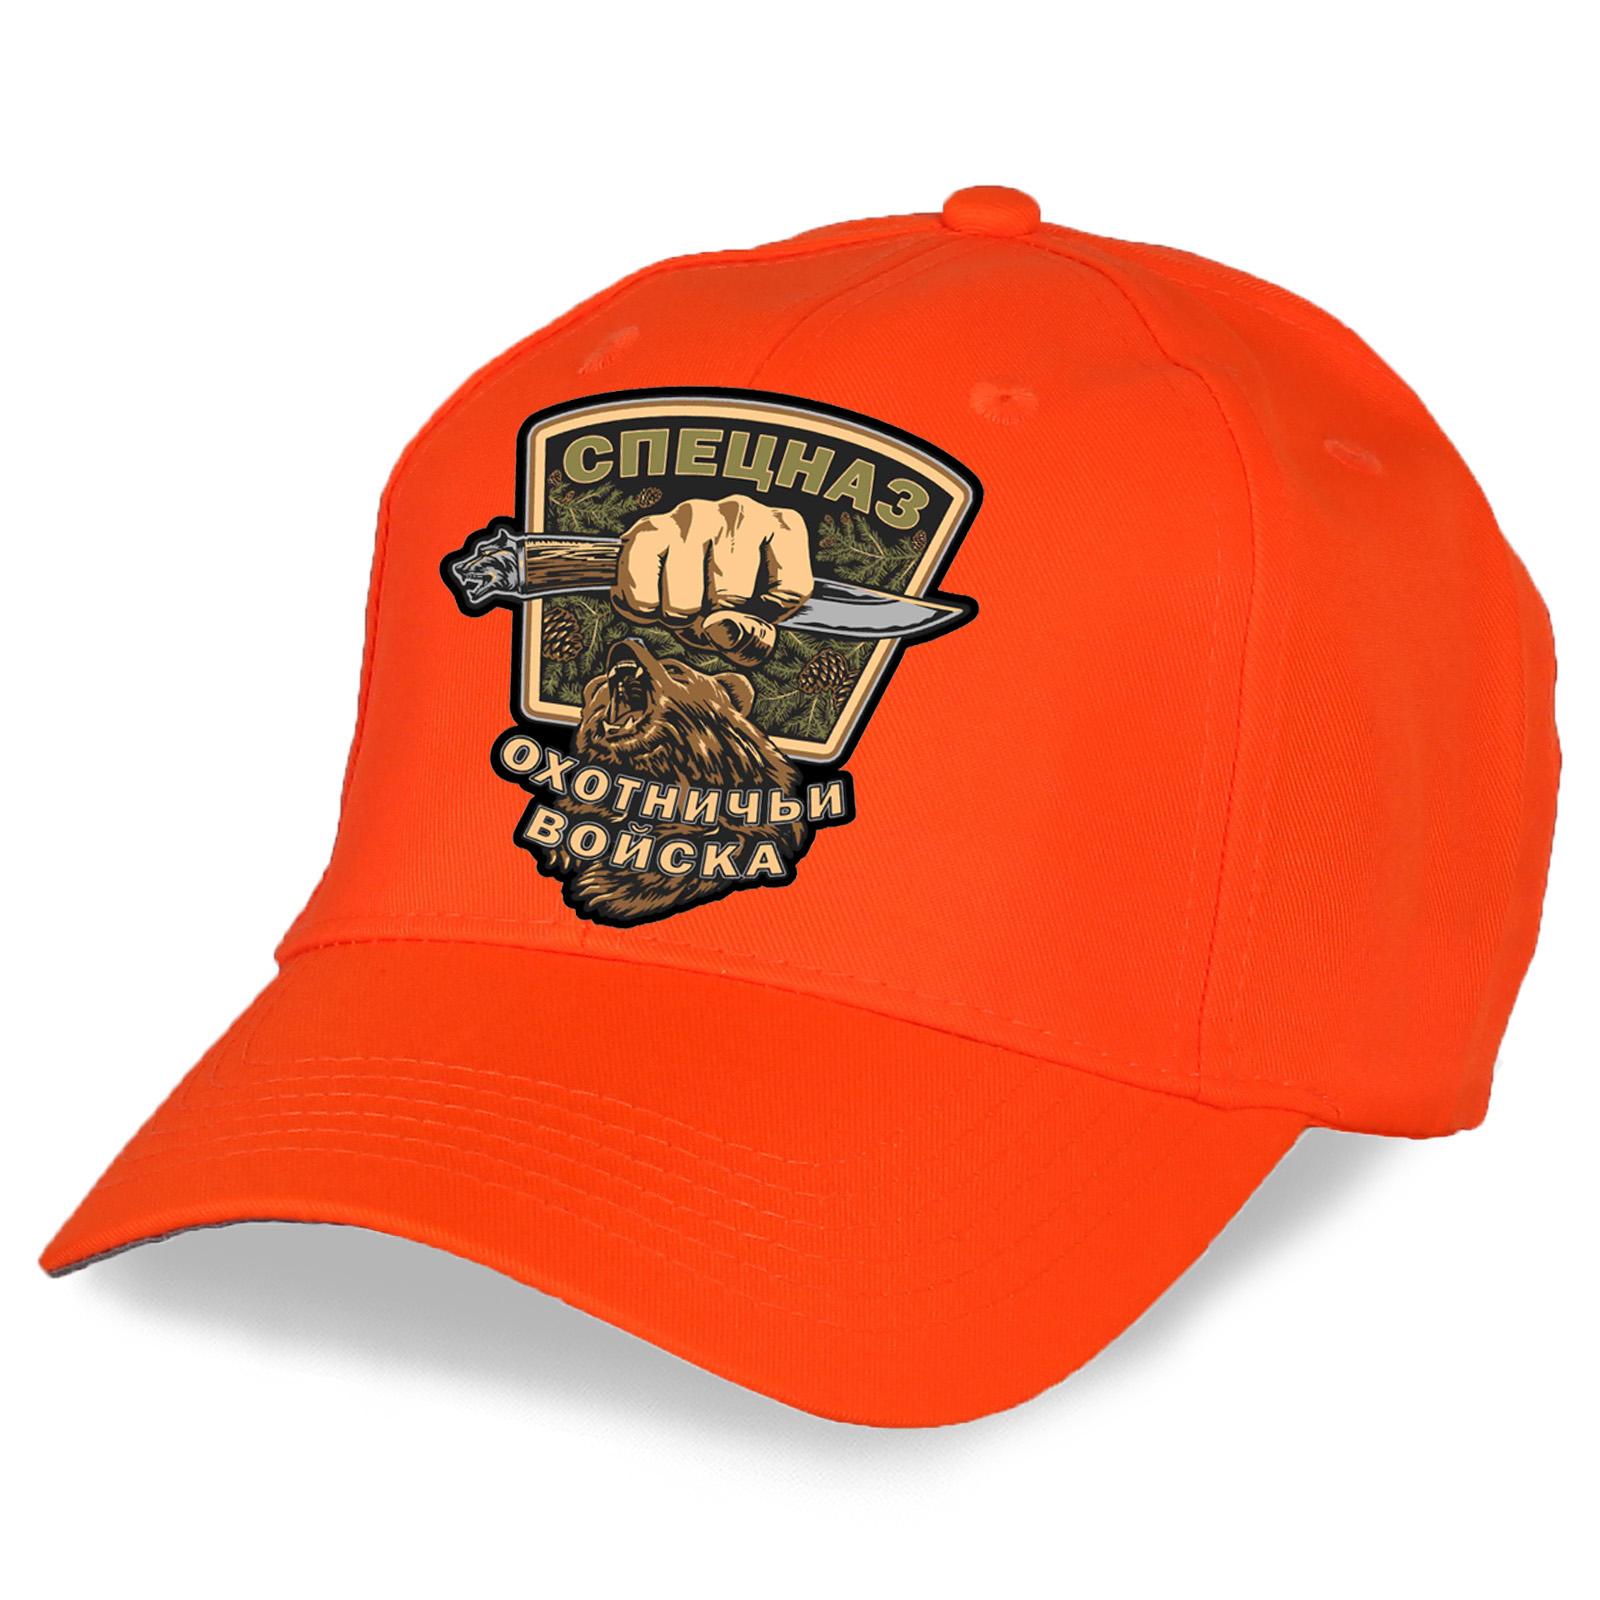 """Охотничья кепка с эмблемой """"Охотничьи войска"""" - купить онлайн"""